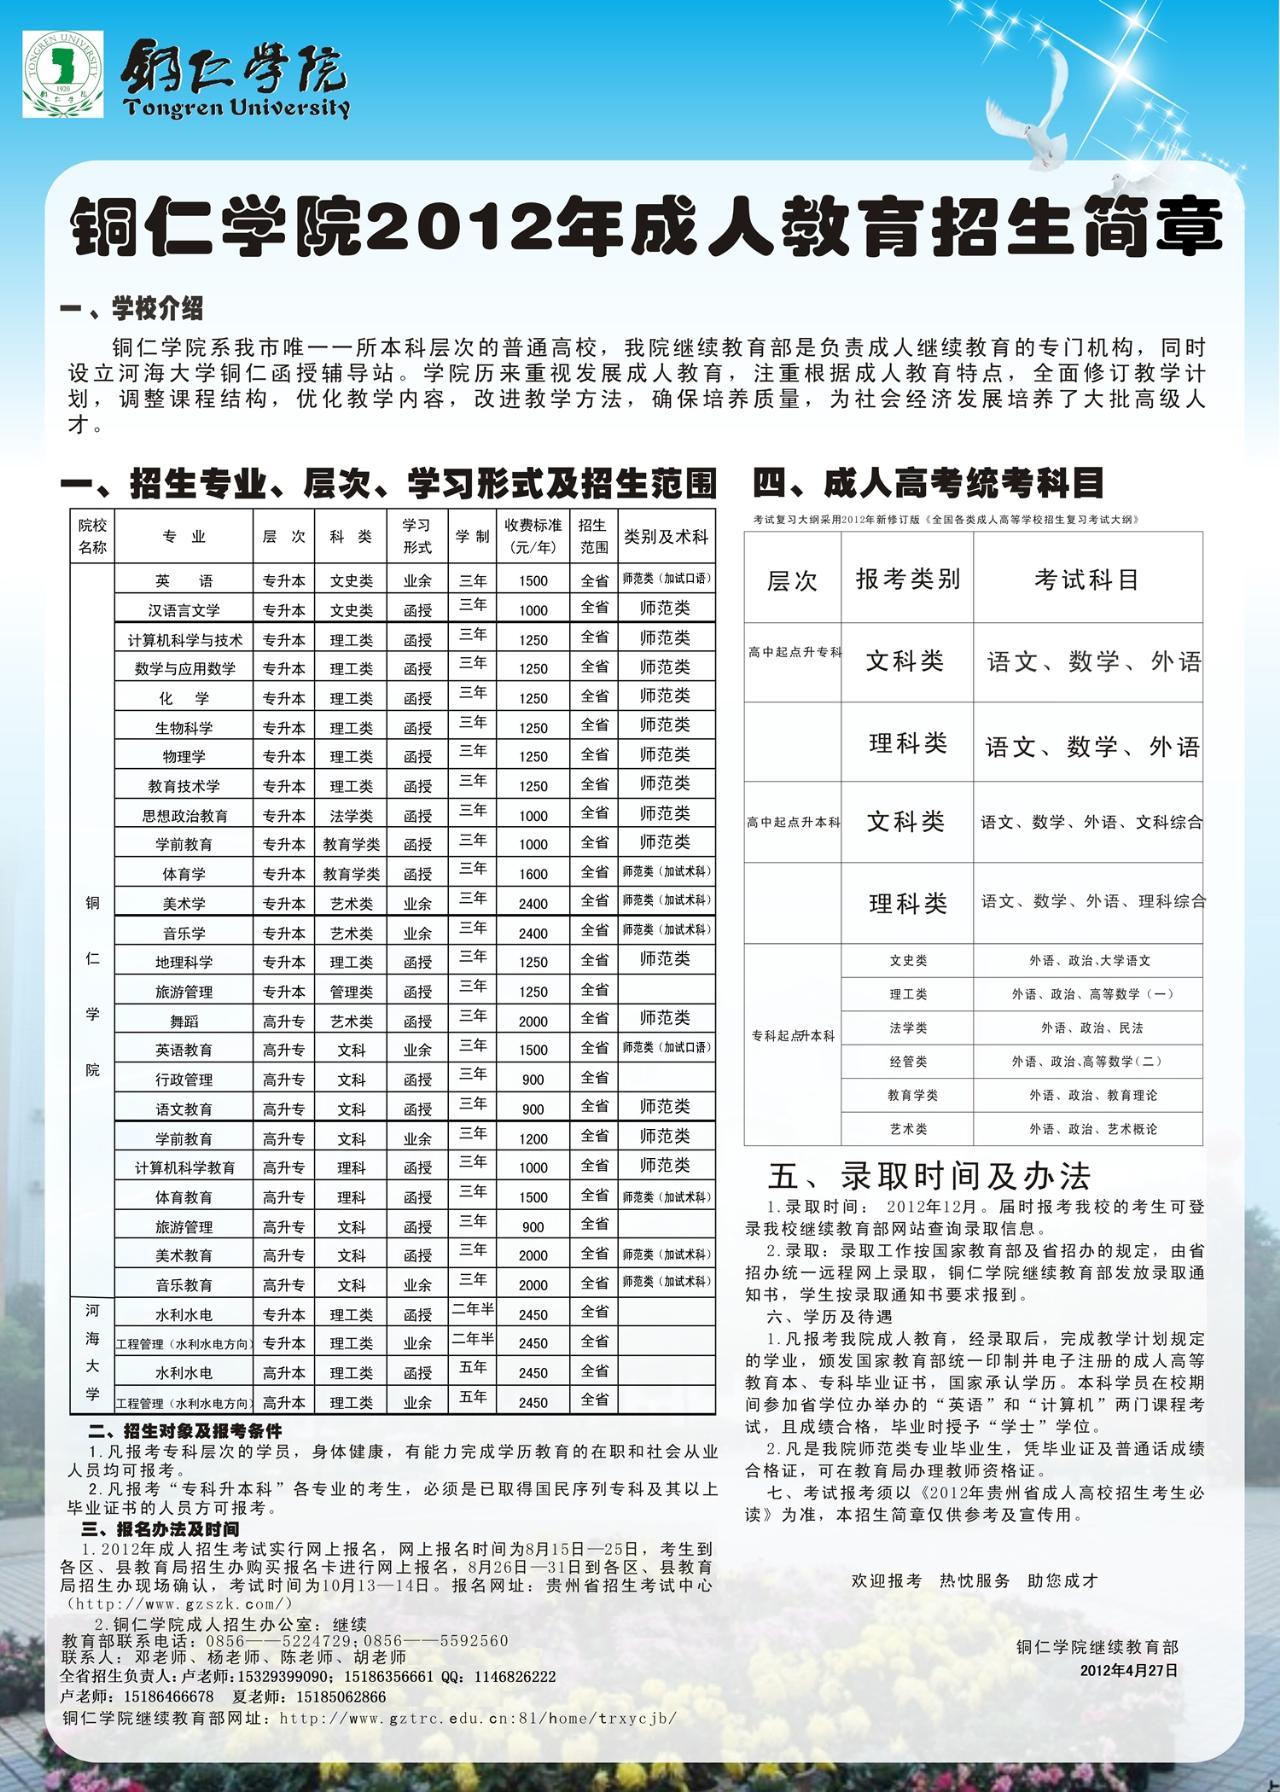 铜仁学院2012年成人教育招生简章